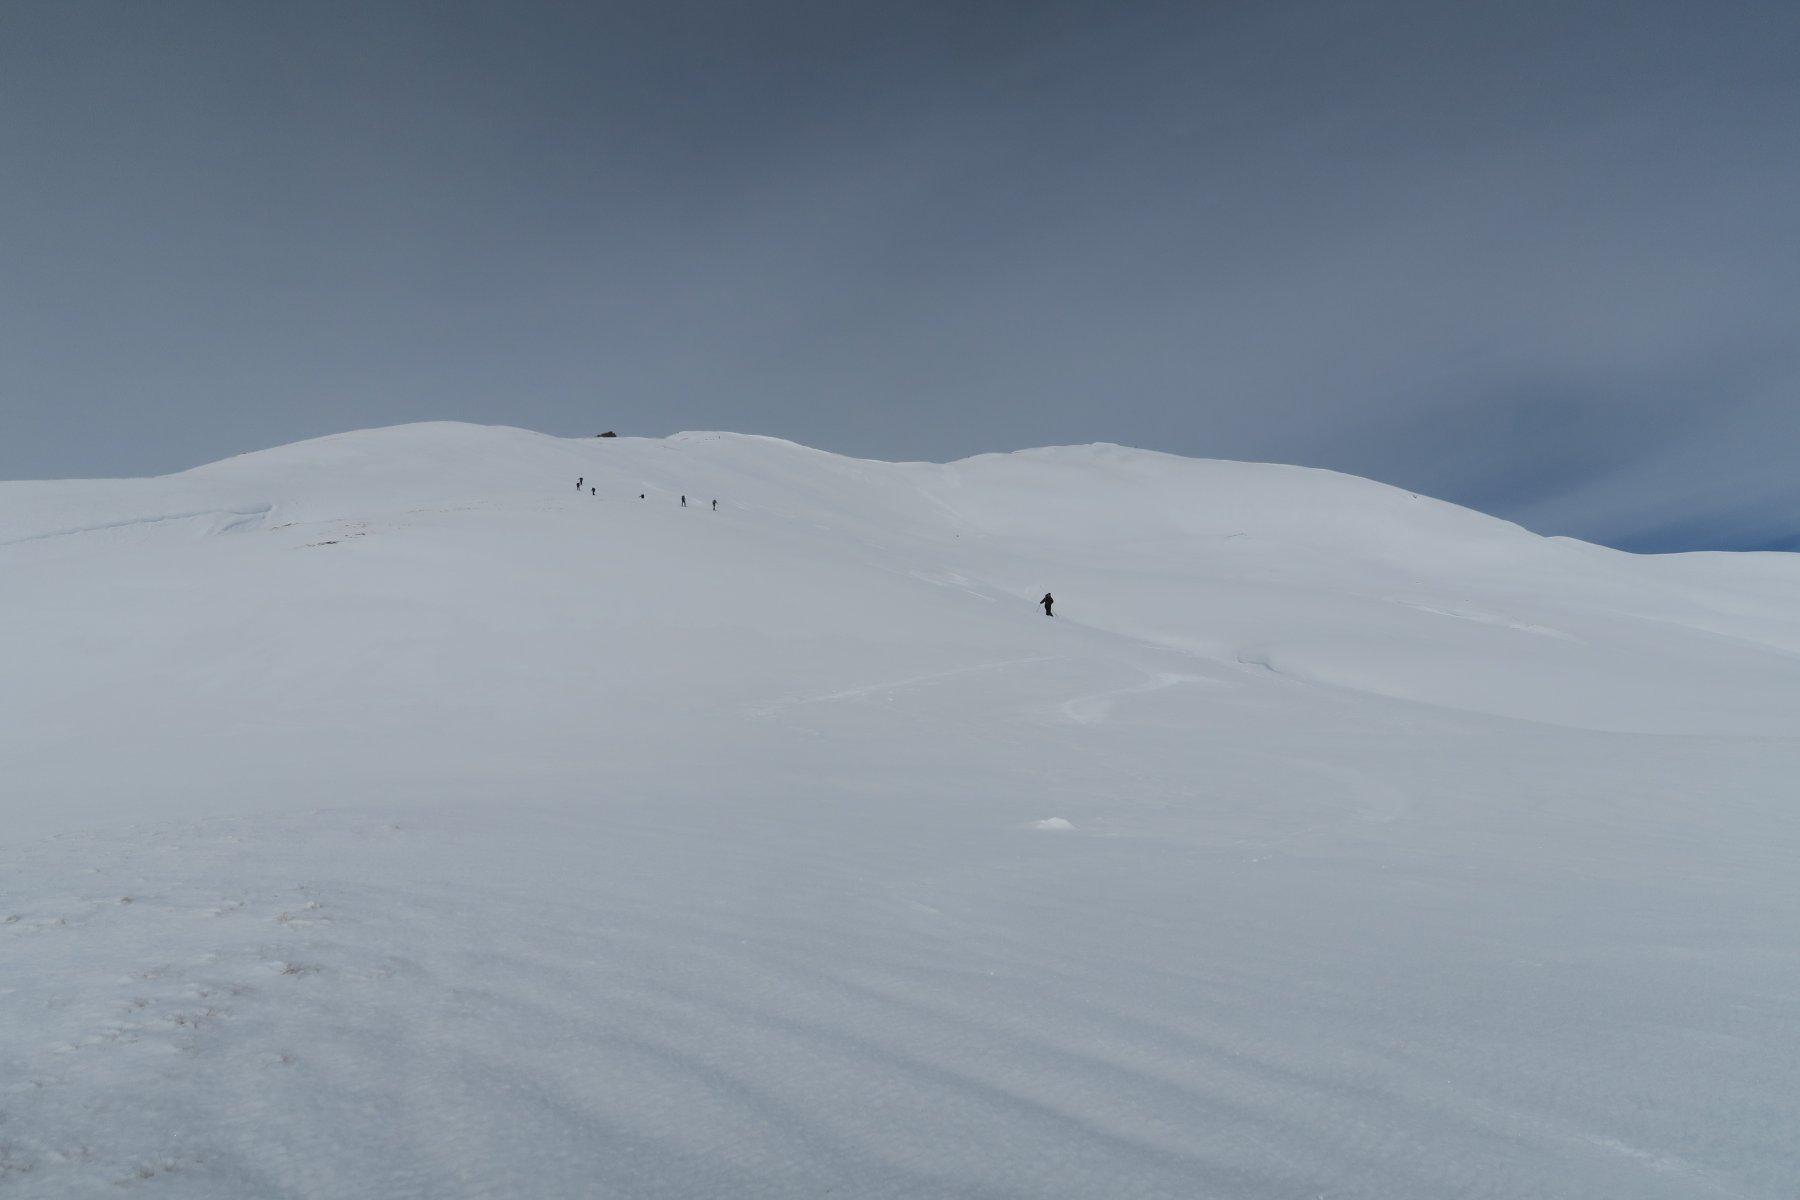 gruppone in salita, da qui in giù neve dura portante